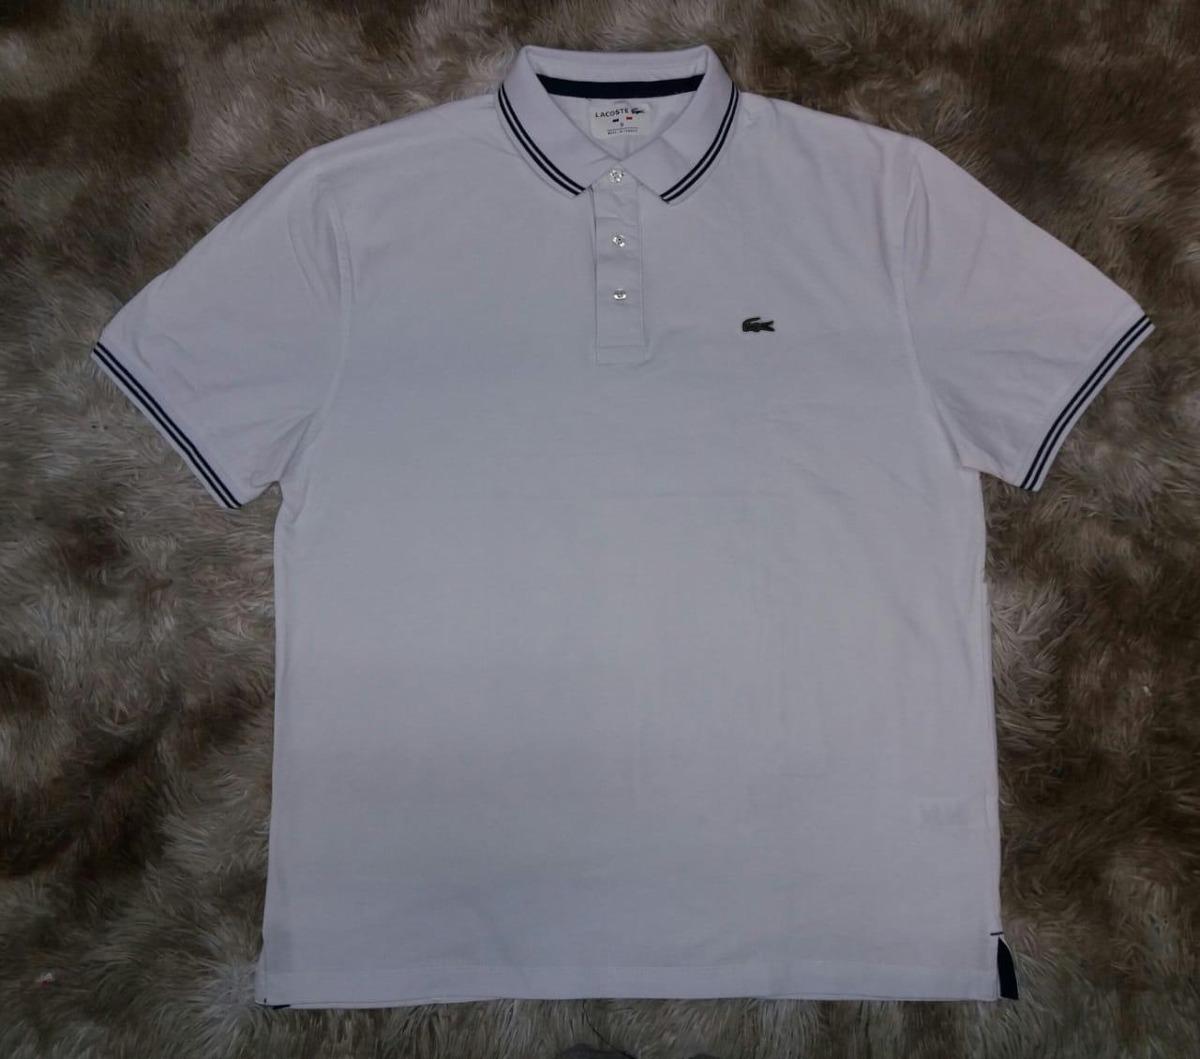 aee2632a08a camisa polo lacoste sport original. Carregando zoom.